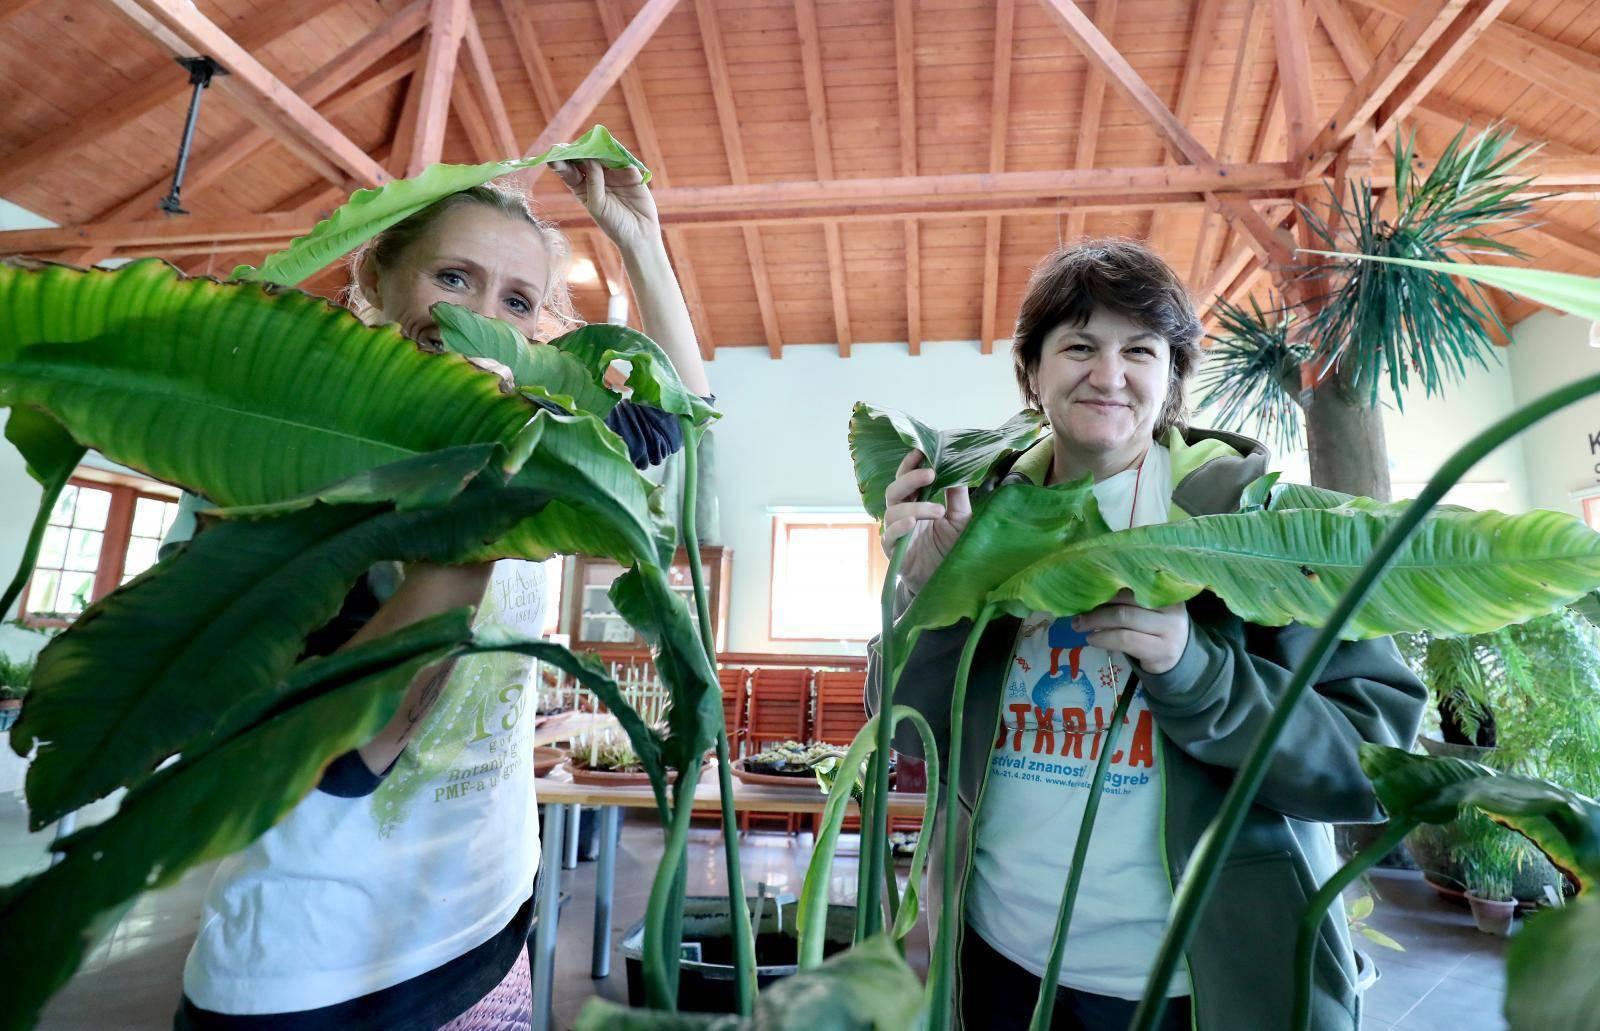 Rasprodaja u Botaničkom vrtu: Mesožderke su već od 30 kuna